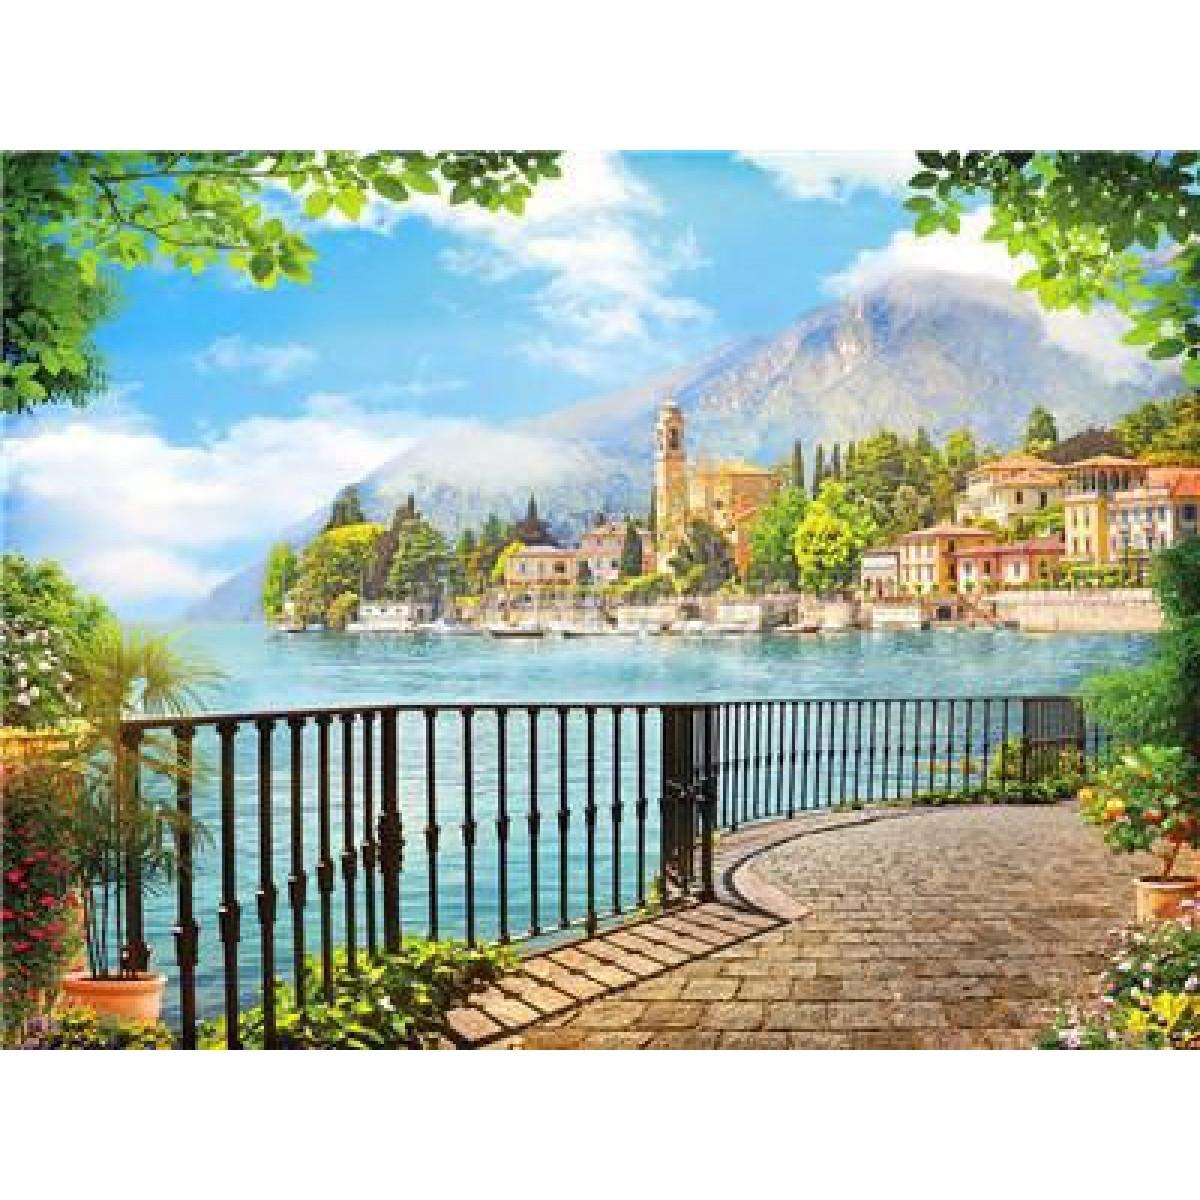 """Картина по номерам на дереве 40*50 """"Город у моря""""  RA3447 в подарочной коробке"""